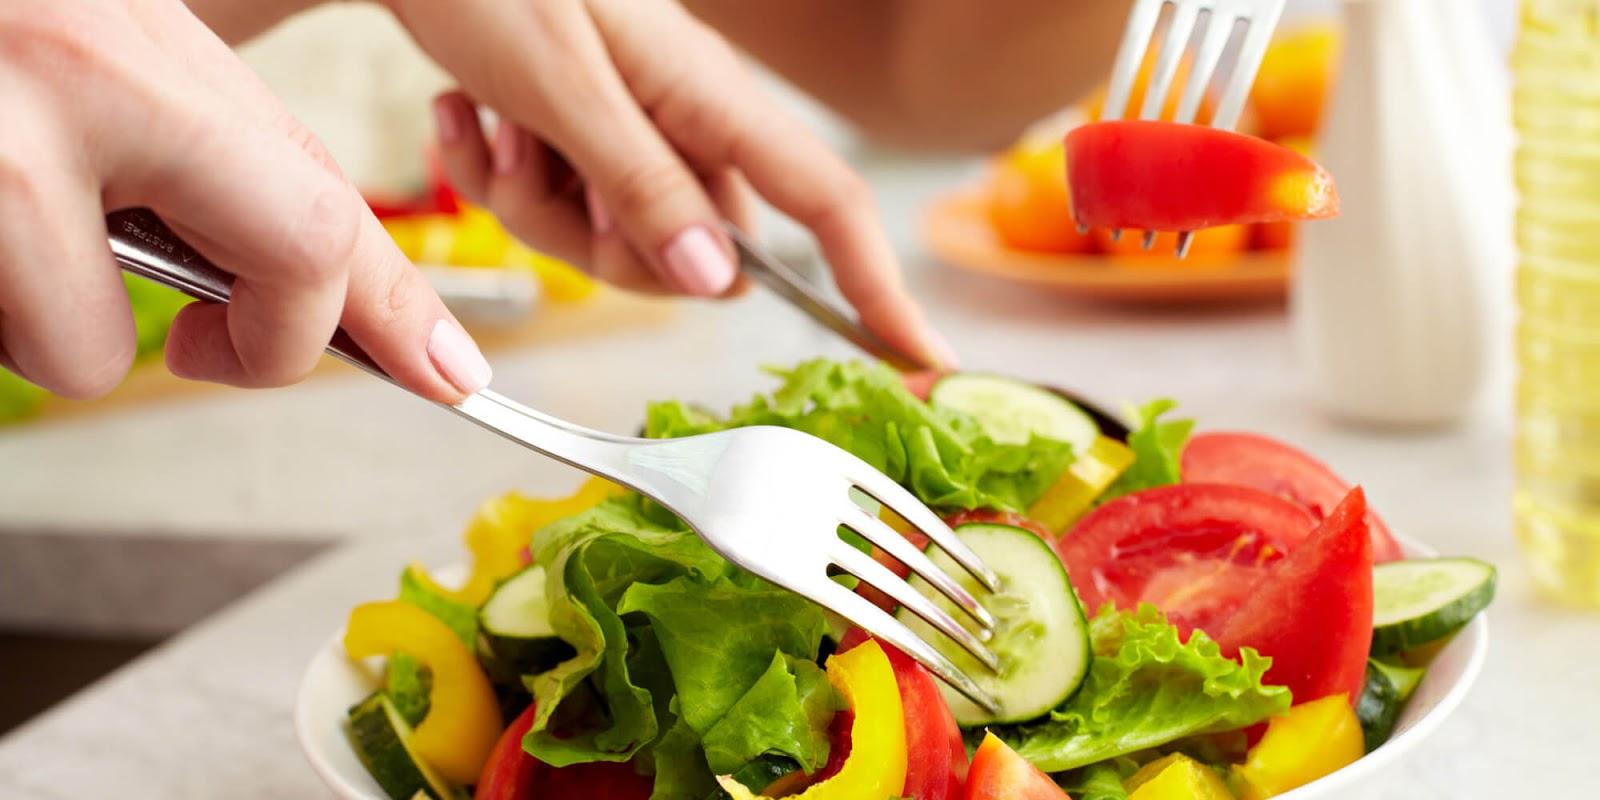 صورة نظام غذائي في رمضان يساعد على خسارة الوزن بشكل فعال